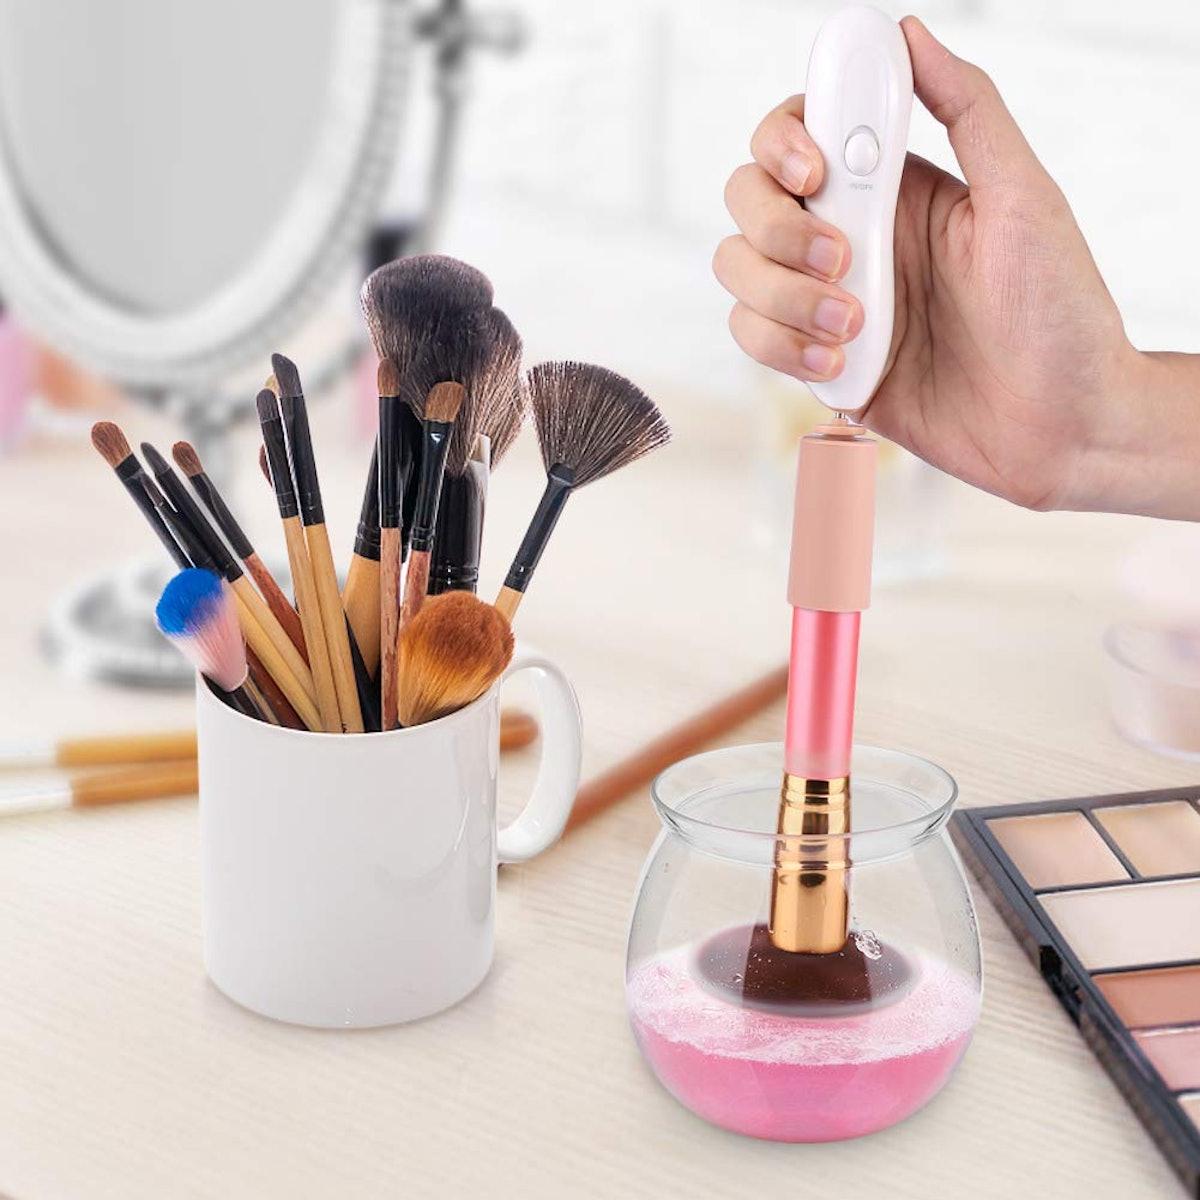 LARMHOI Makeup Brush Cleaner